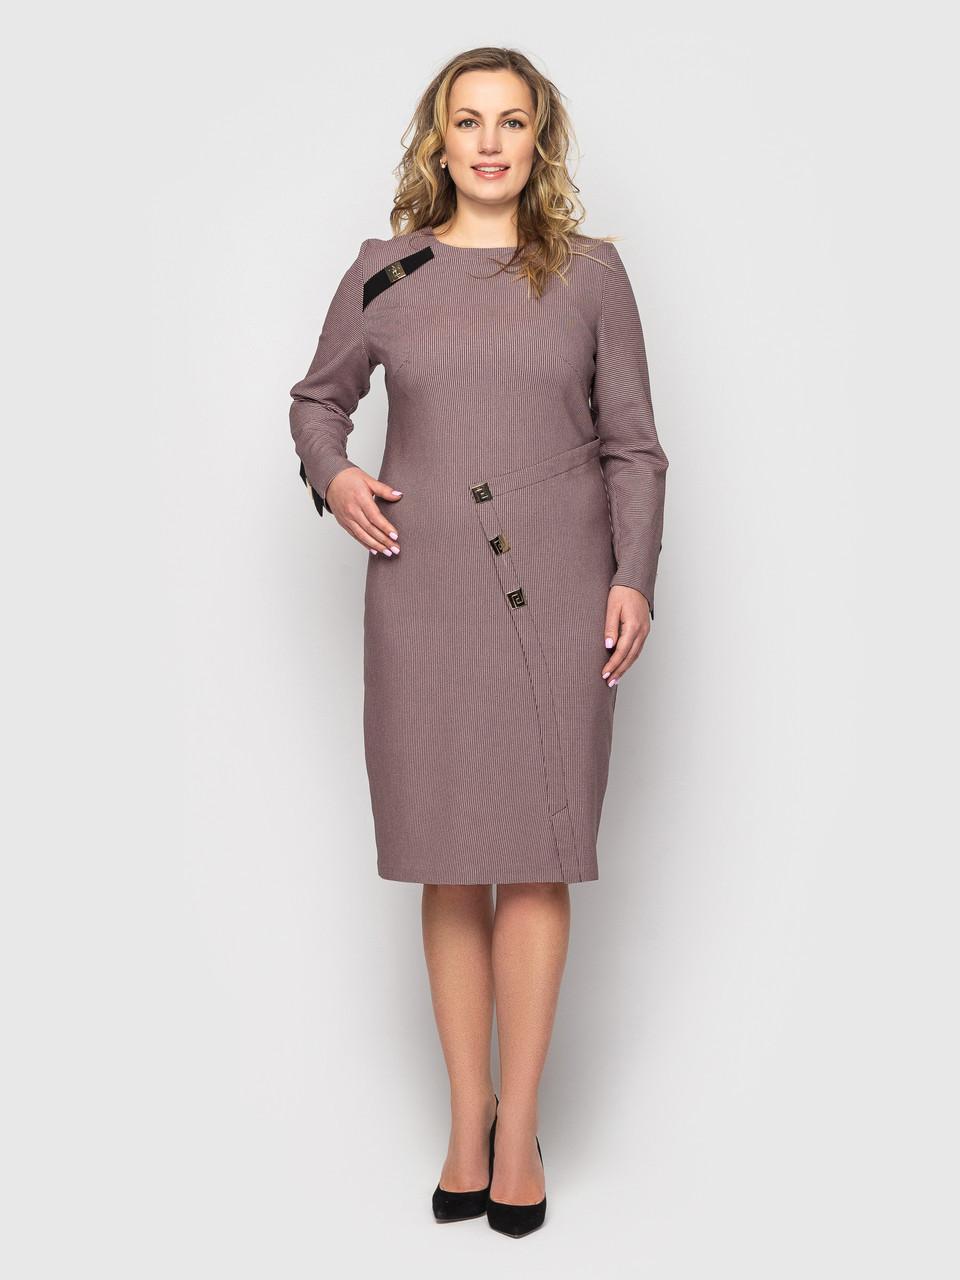 Батальное платье для офиса строгое цвета пудра